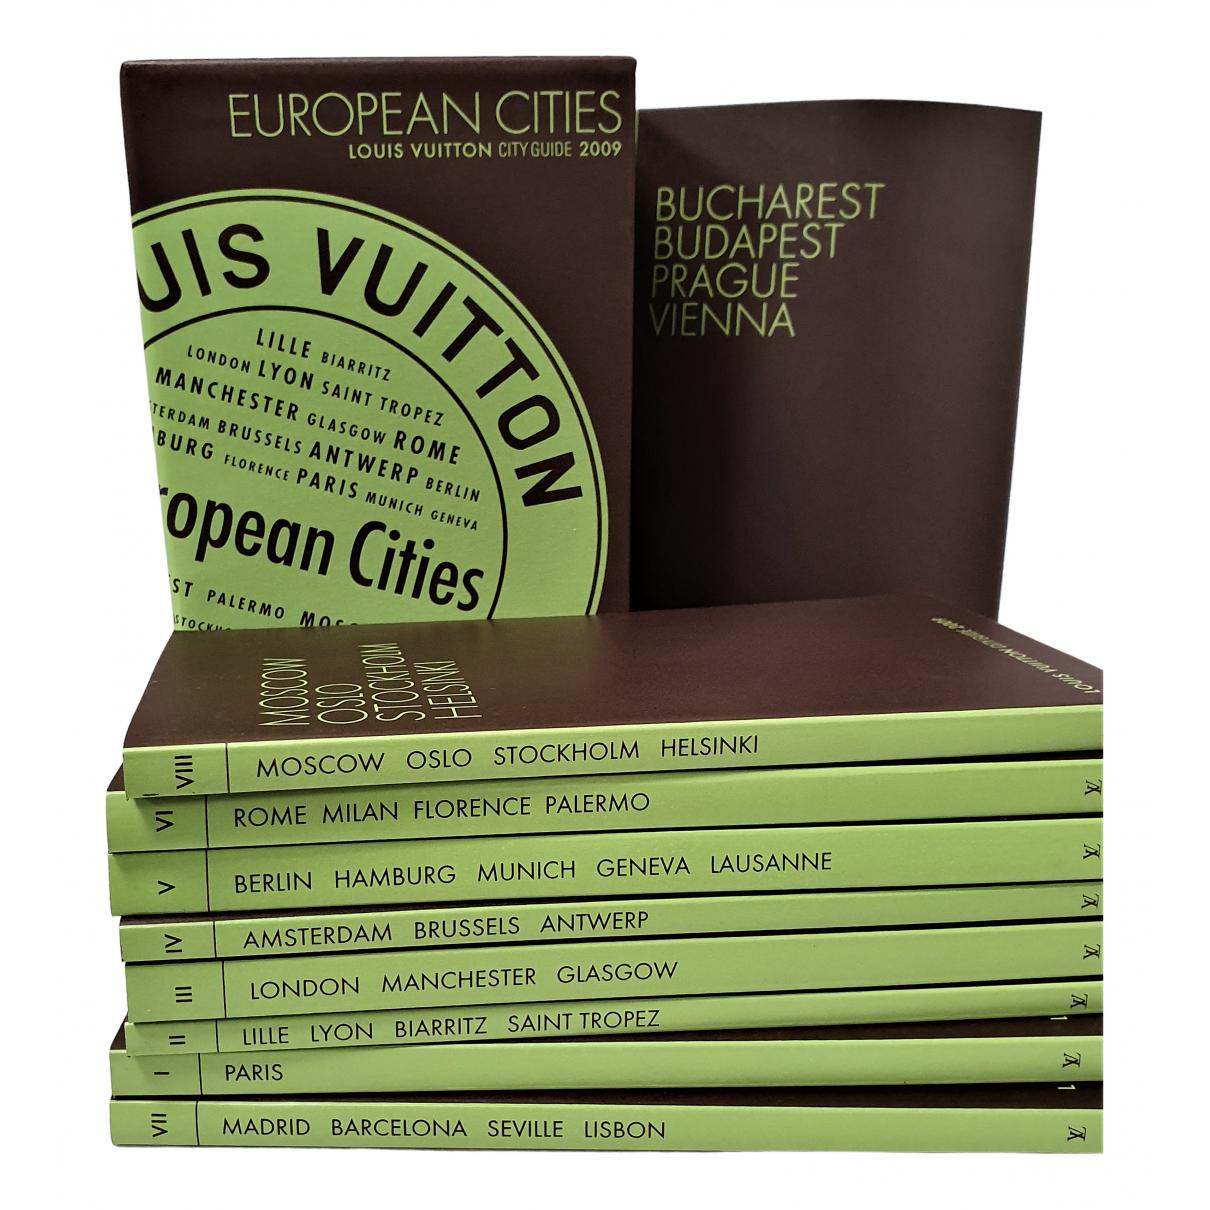 Louis Vuitton - Voyages City Guide pour lifestyle en autre - marron